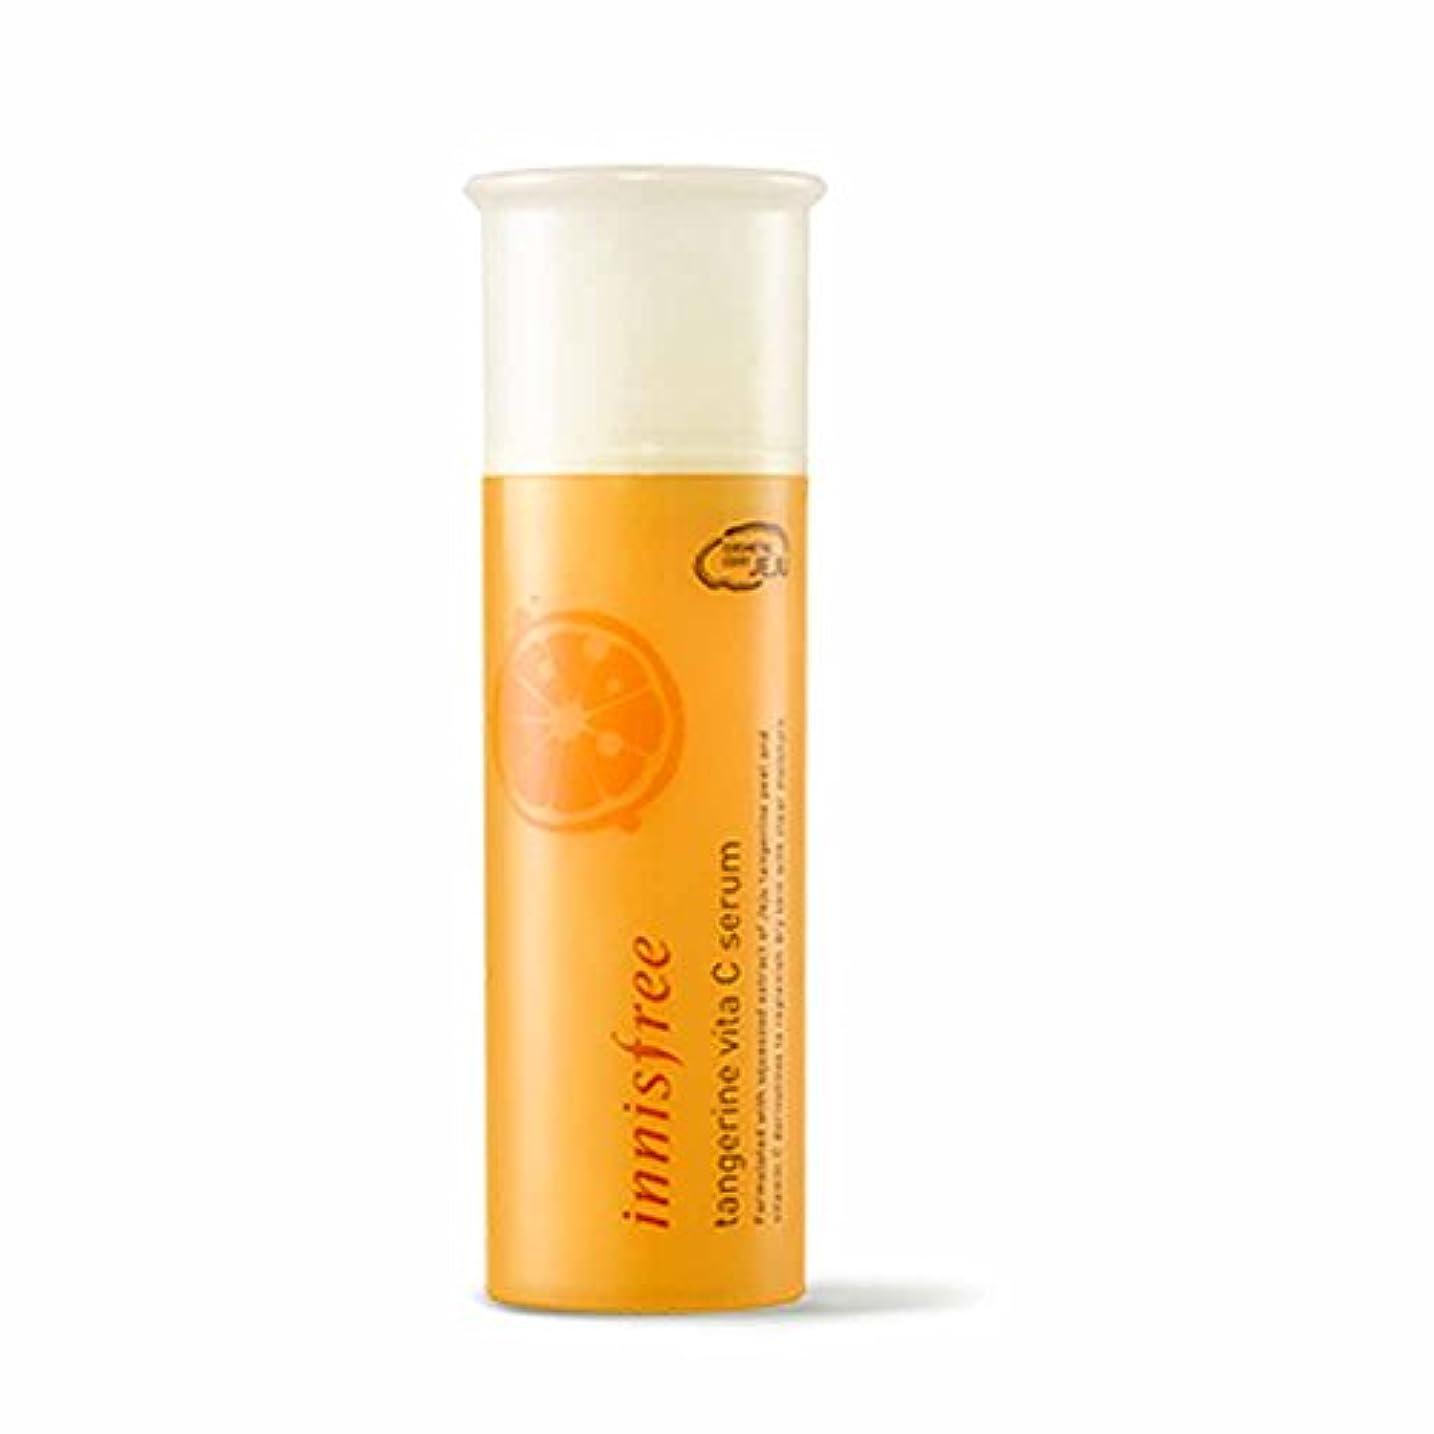 反響するポゴスティックジャンプソートイニスフリータンジェリンビタCセラム50ml Innisfree Tangerine Vita C Serum 50ml [海外直送品][並行輸入品]